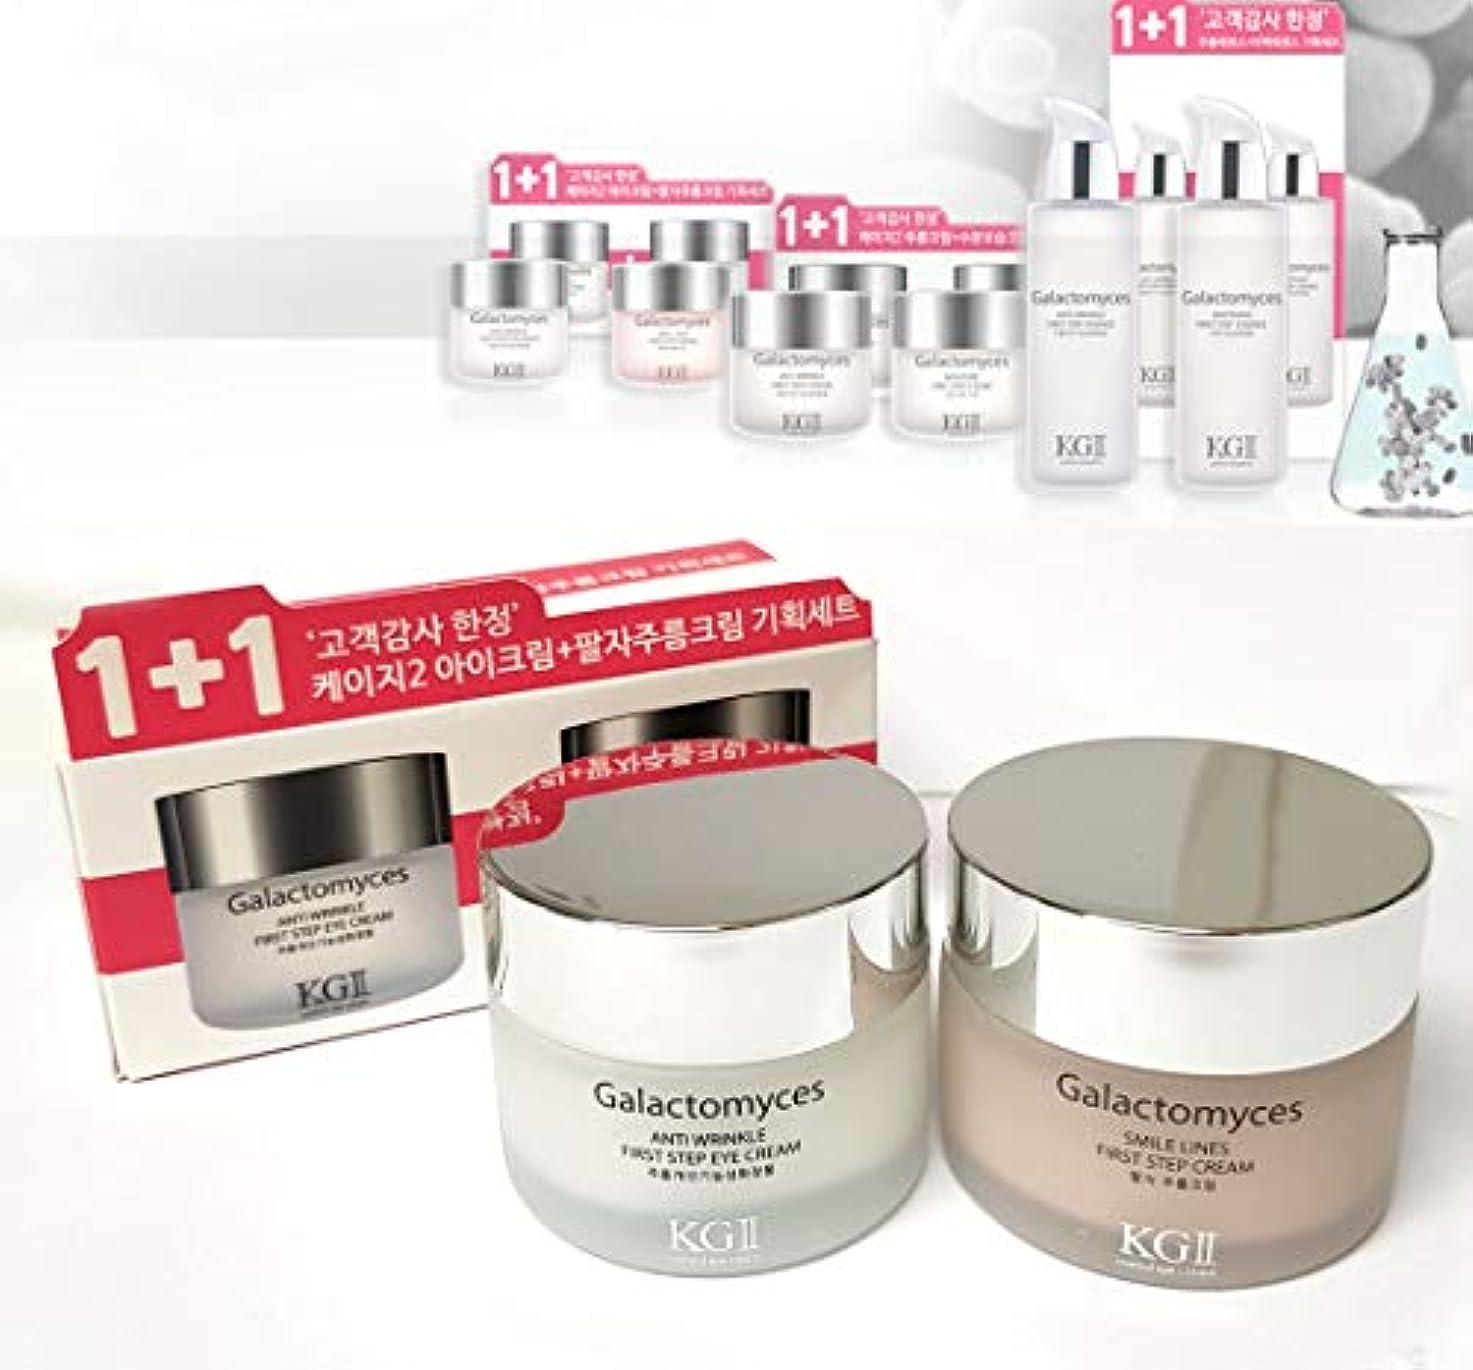 ビームリビジョン救い[KG2] ガラクトミセスファーストステップアイクリーム30ml +スマイルラインズクリーム30mlセット / Galactomyces First Step Eye Cream 30ml + Smile Lines Cream...